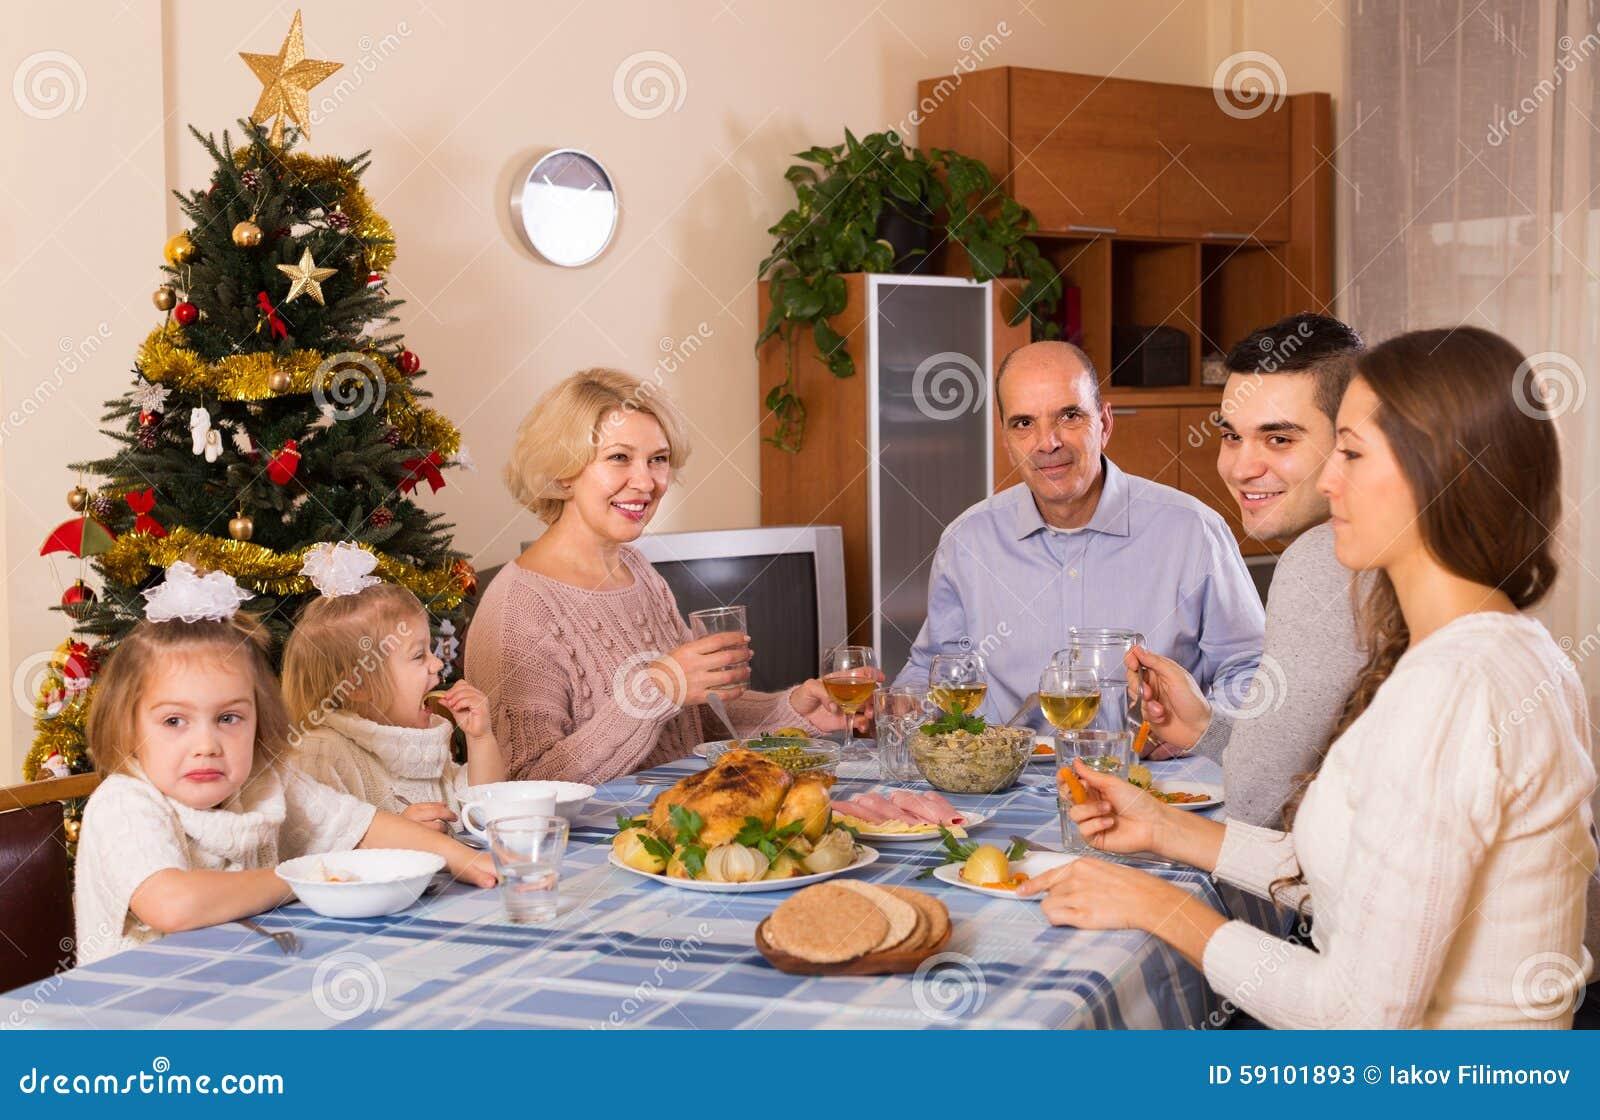 在家庭怀里的圣诞节庆祝